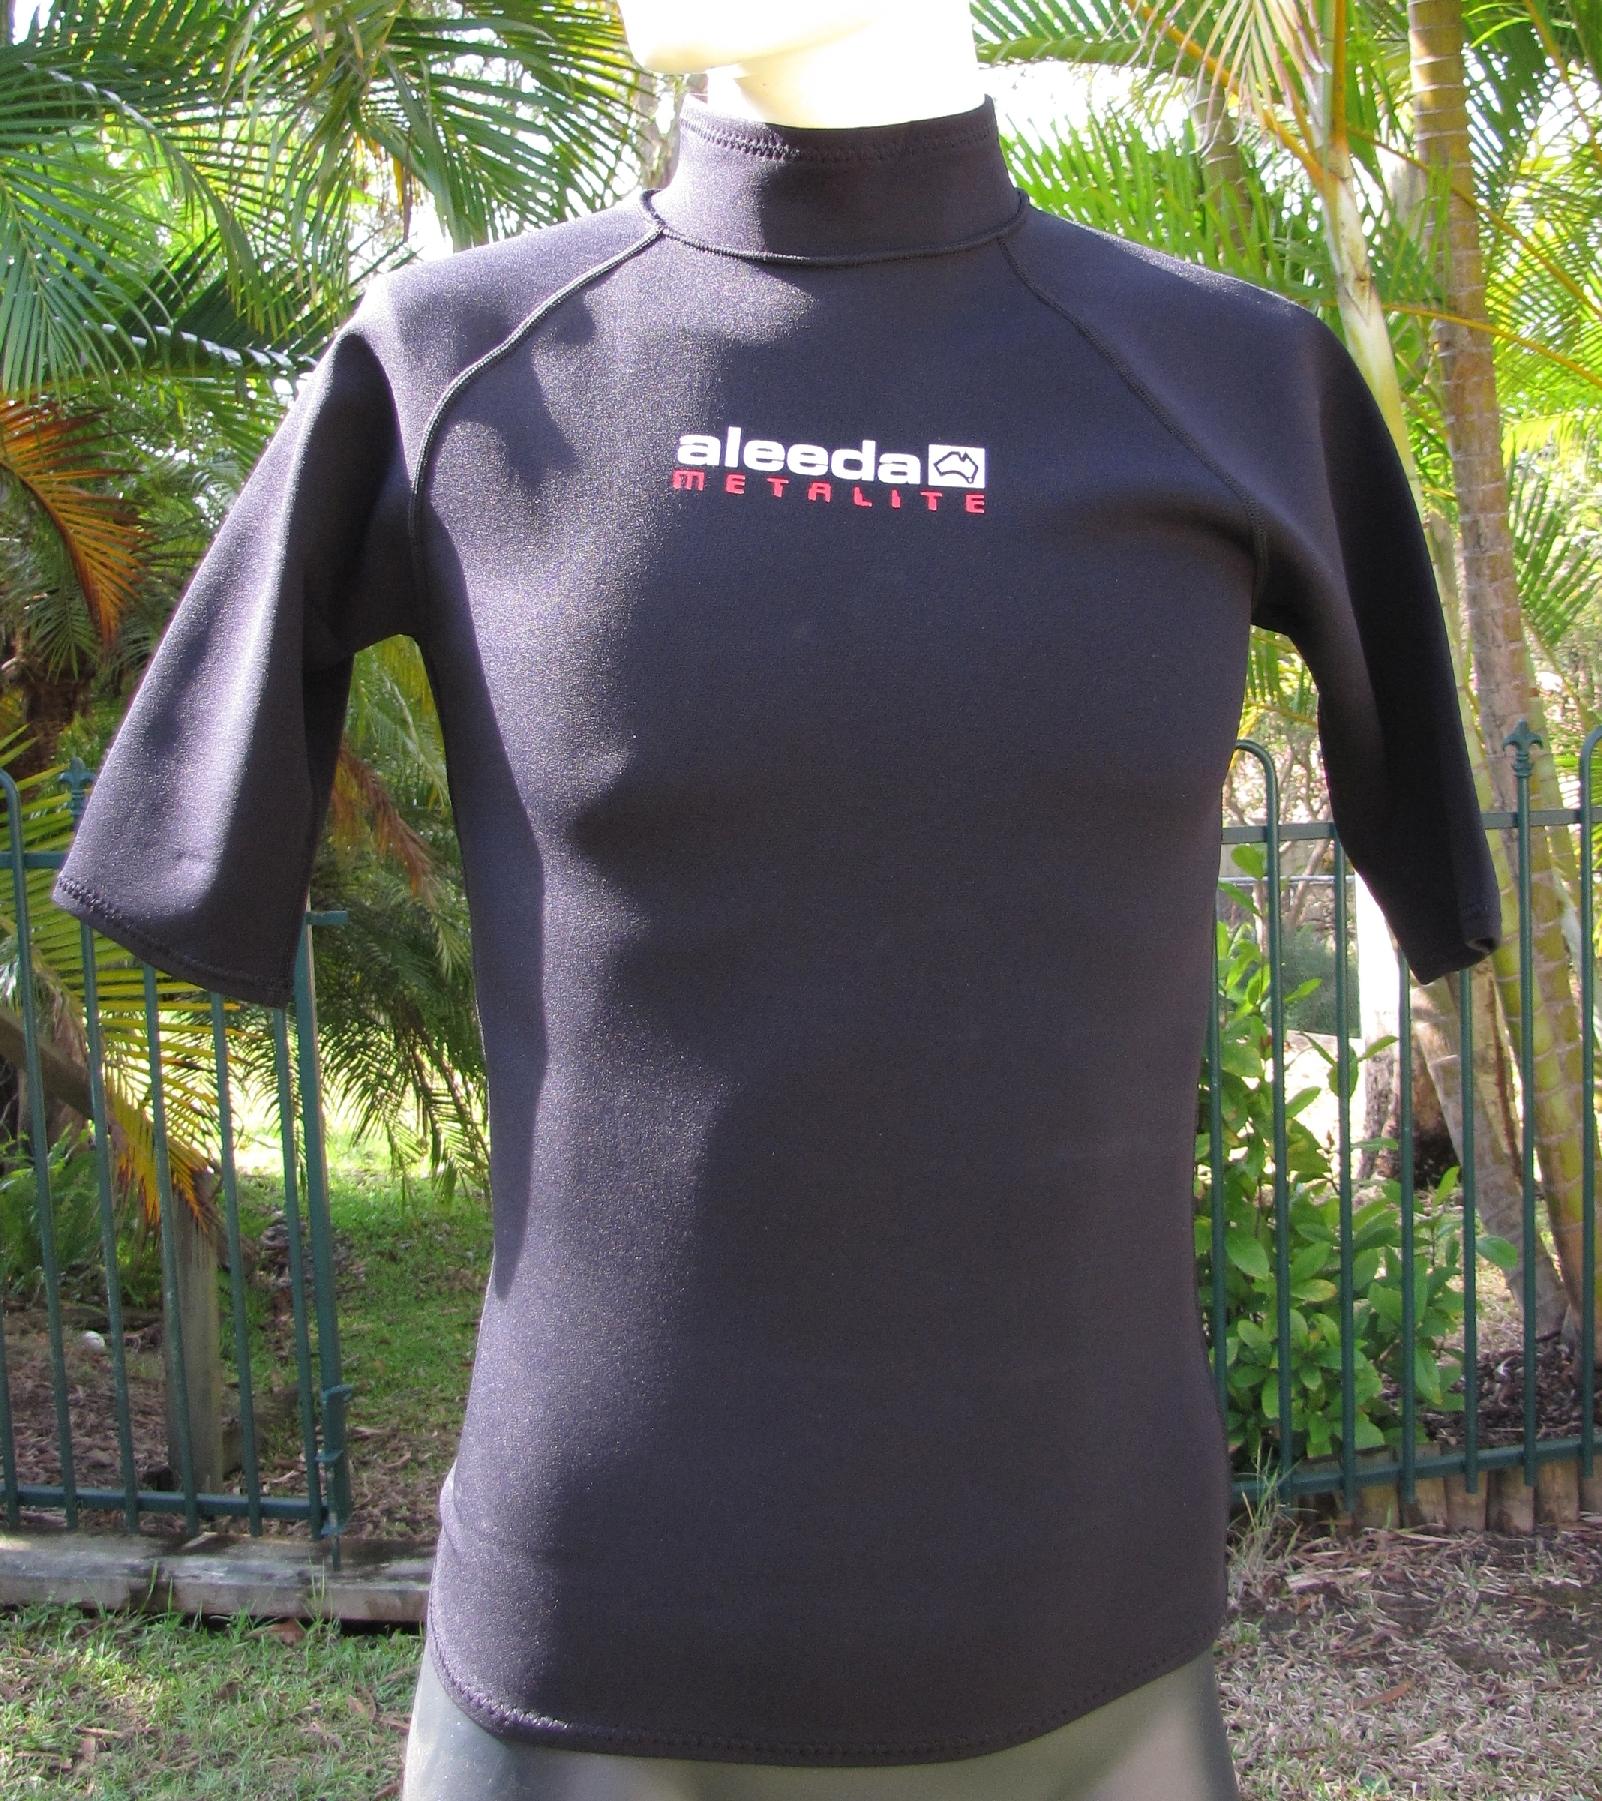 Aleeda Short Sleeve Metalite Top front view